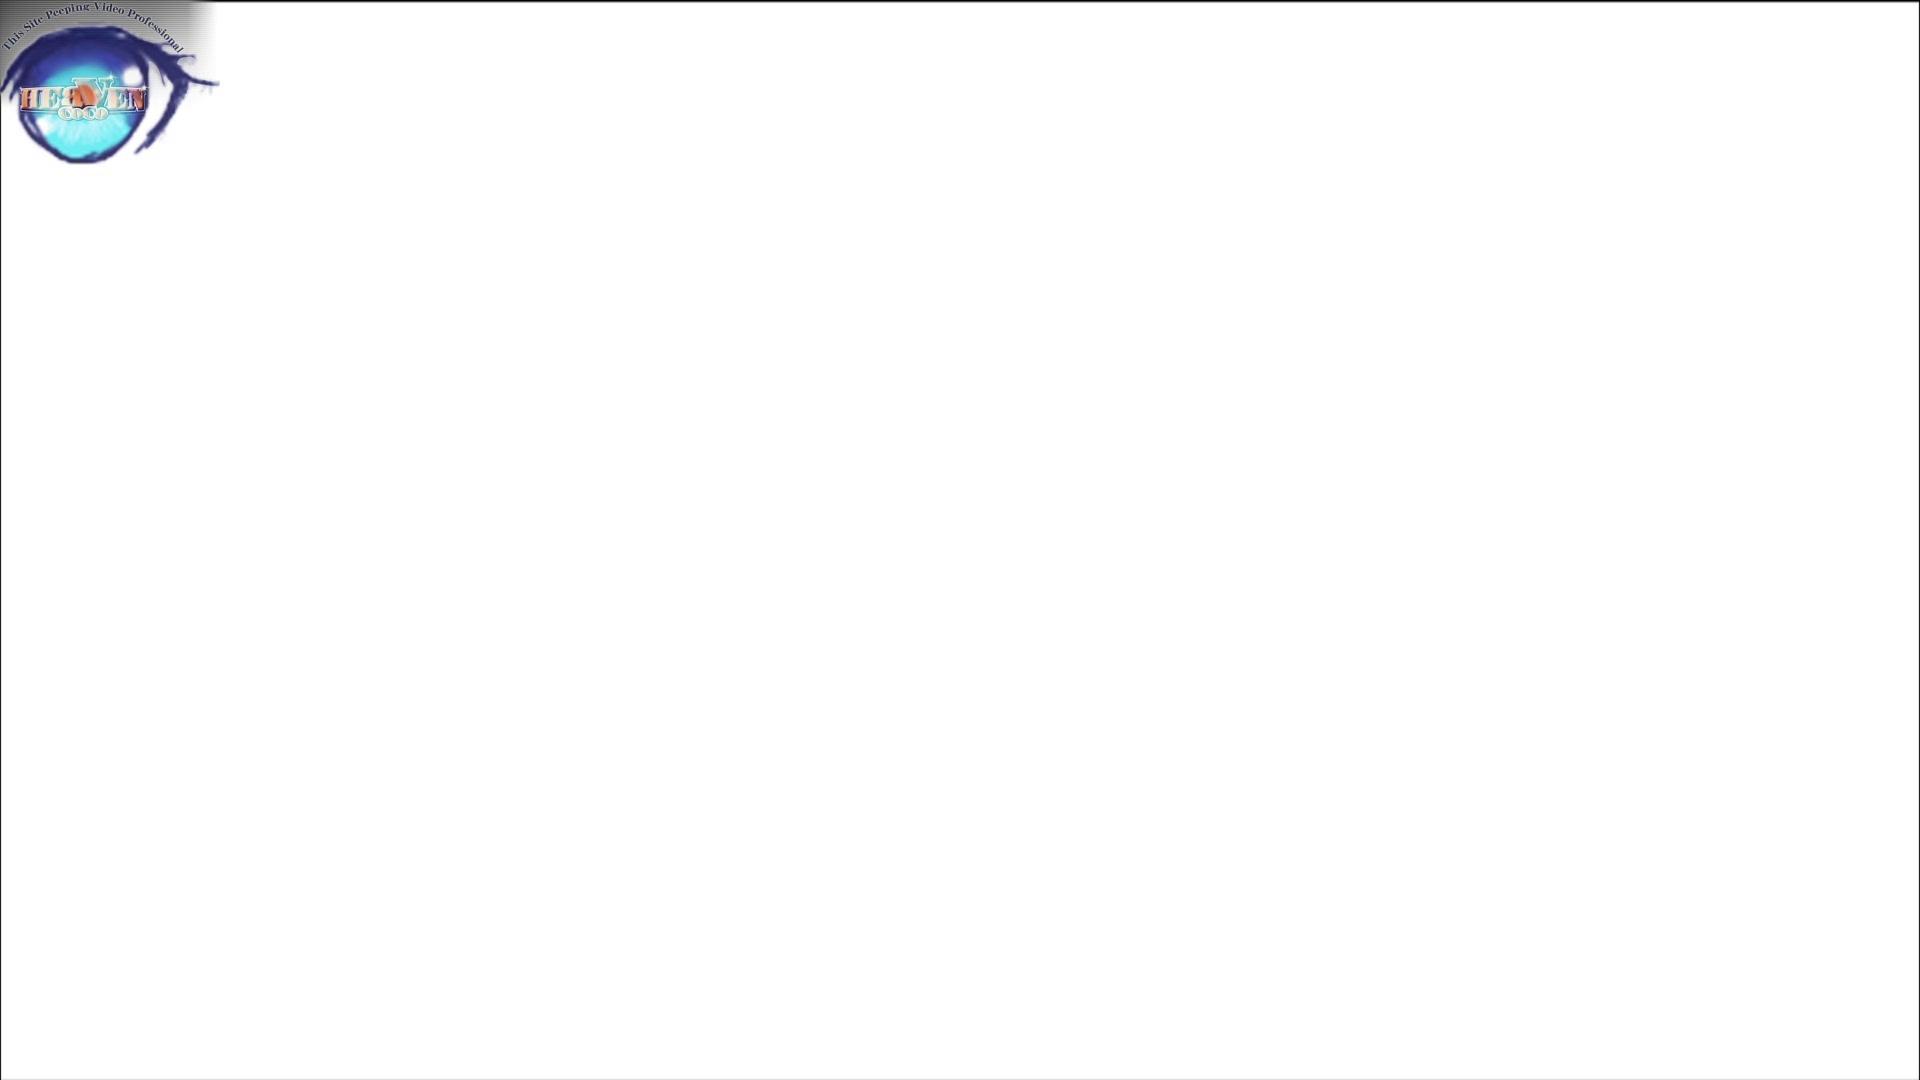 洗面所突入レポート!!お銀 vol.67 新たな場所への挑戦が始まる!!後編 OLエロ画像   洗面所  49PICs 4